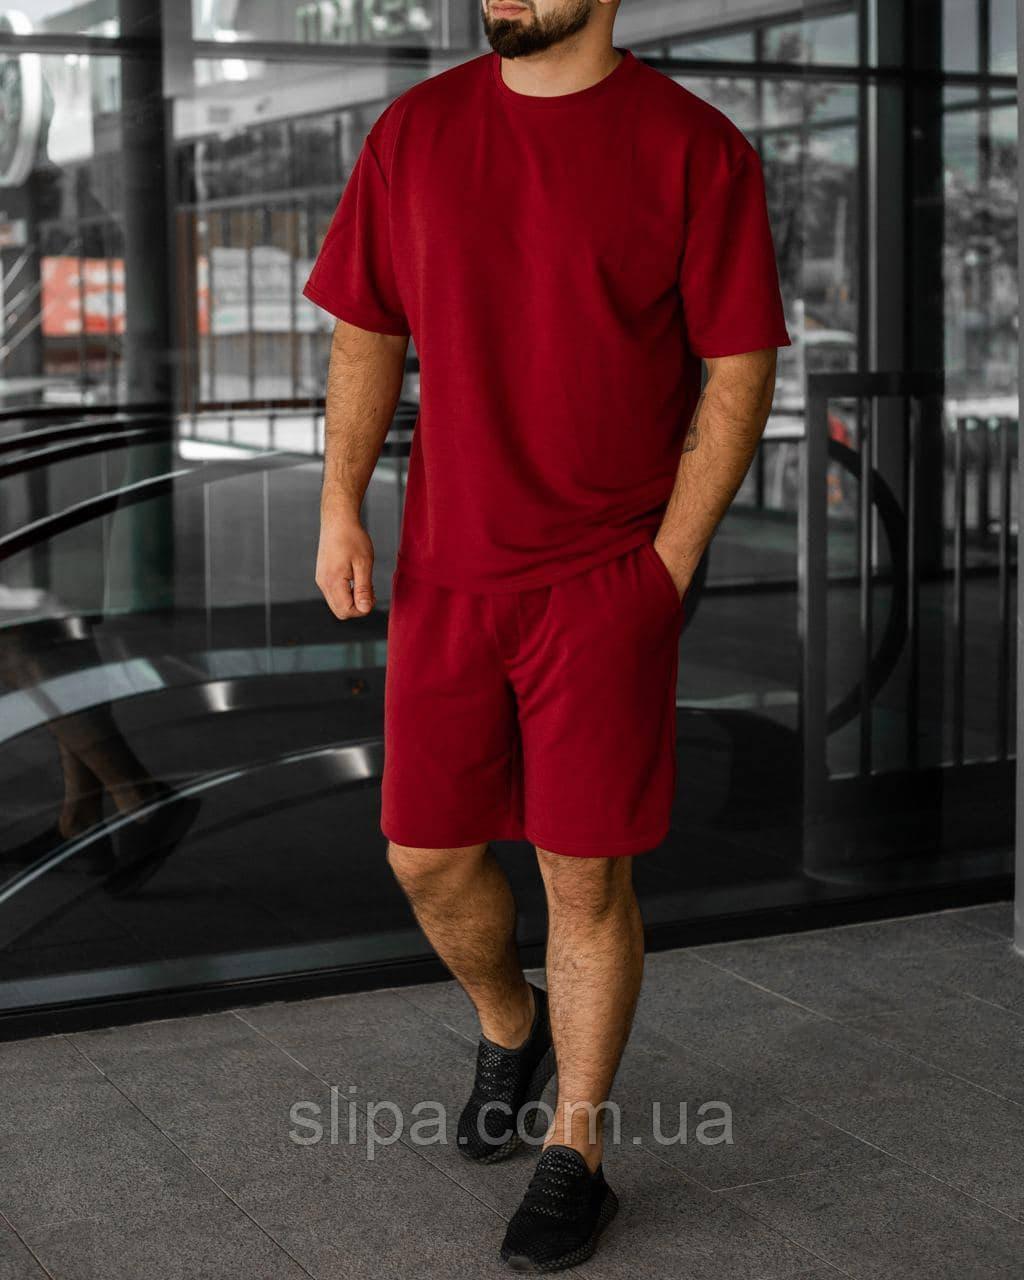 Червоний літній чоловічий комплект Basic Oversize   футболка оверсайз + шорти